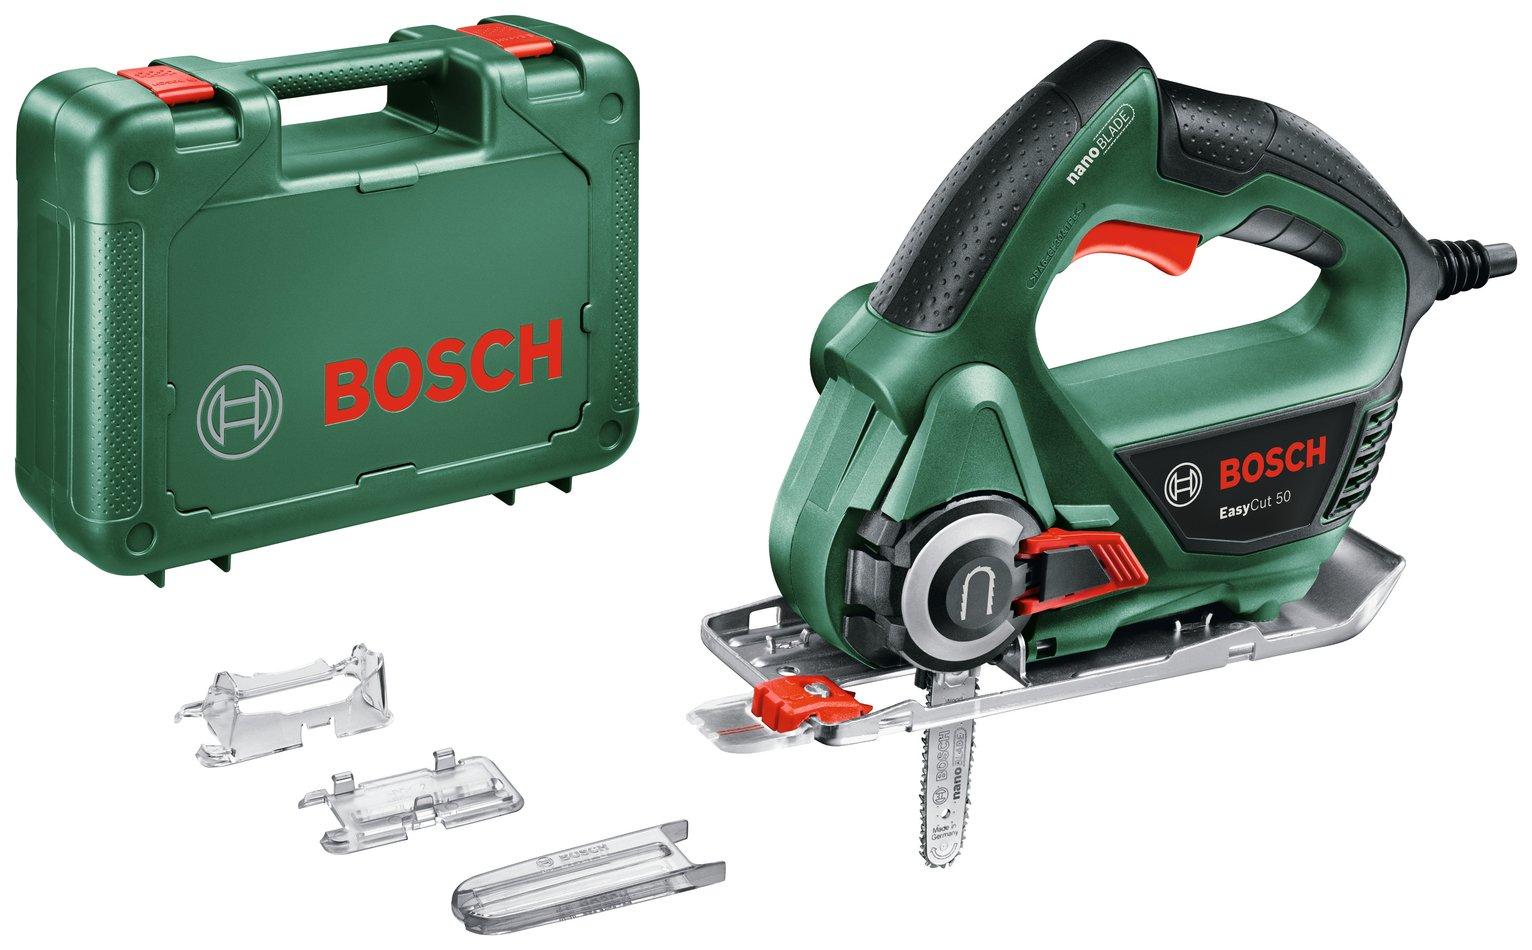 Bosch Easy Cut 50 Nano Blade Saw - 500W